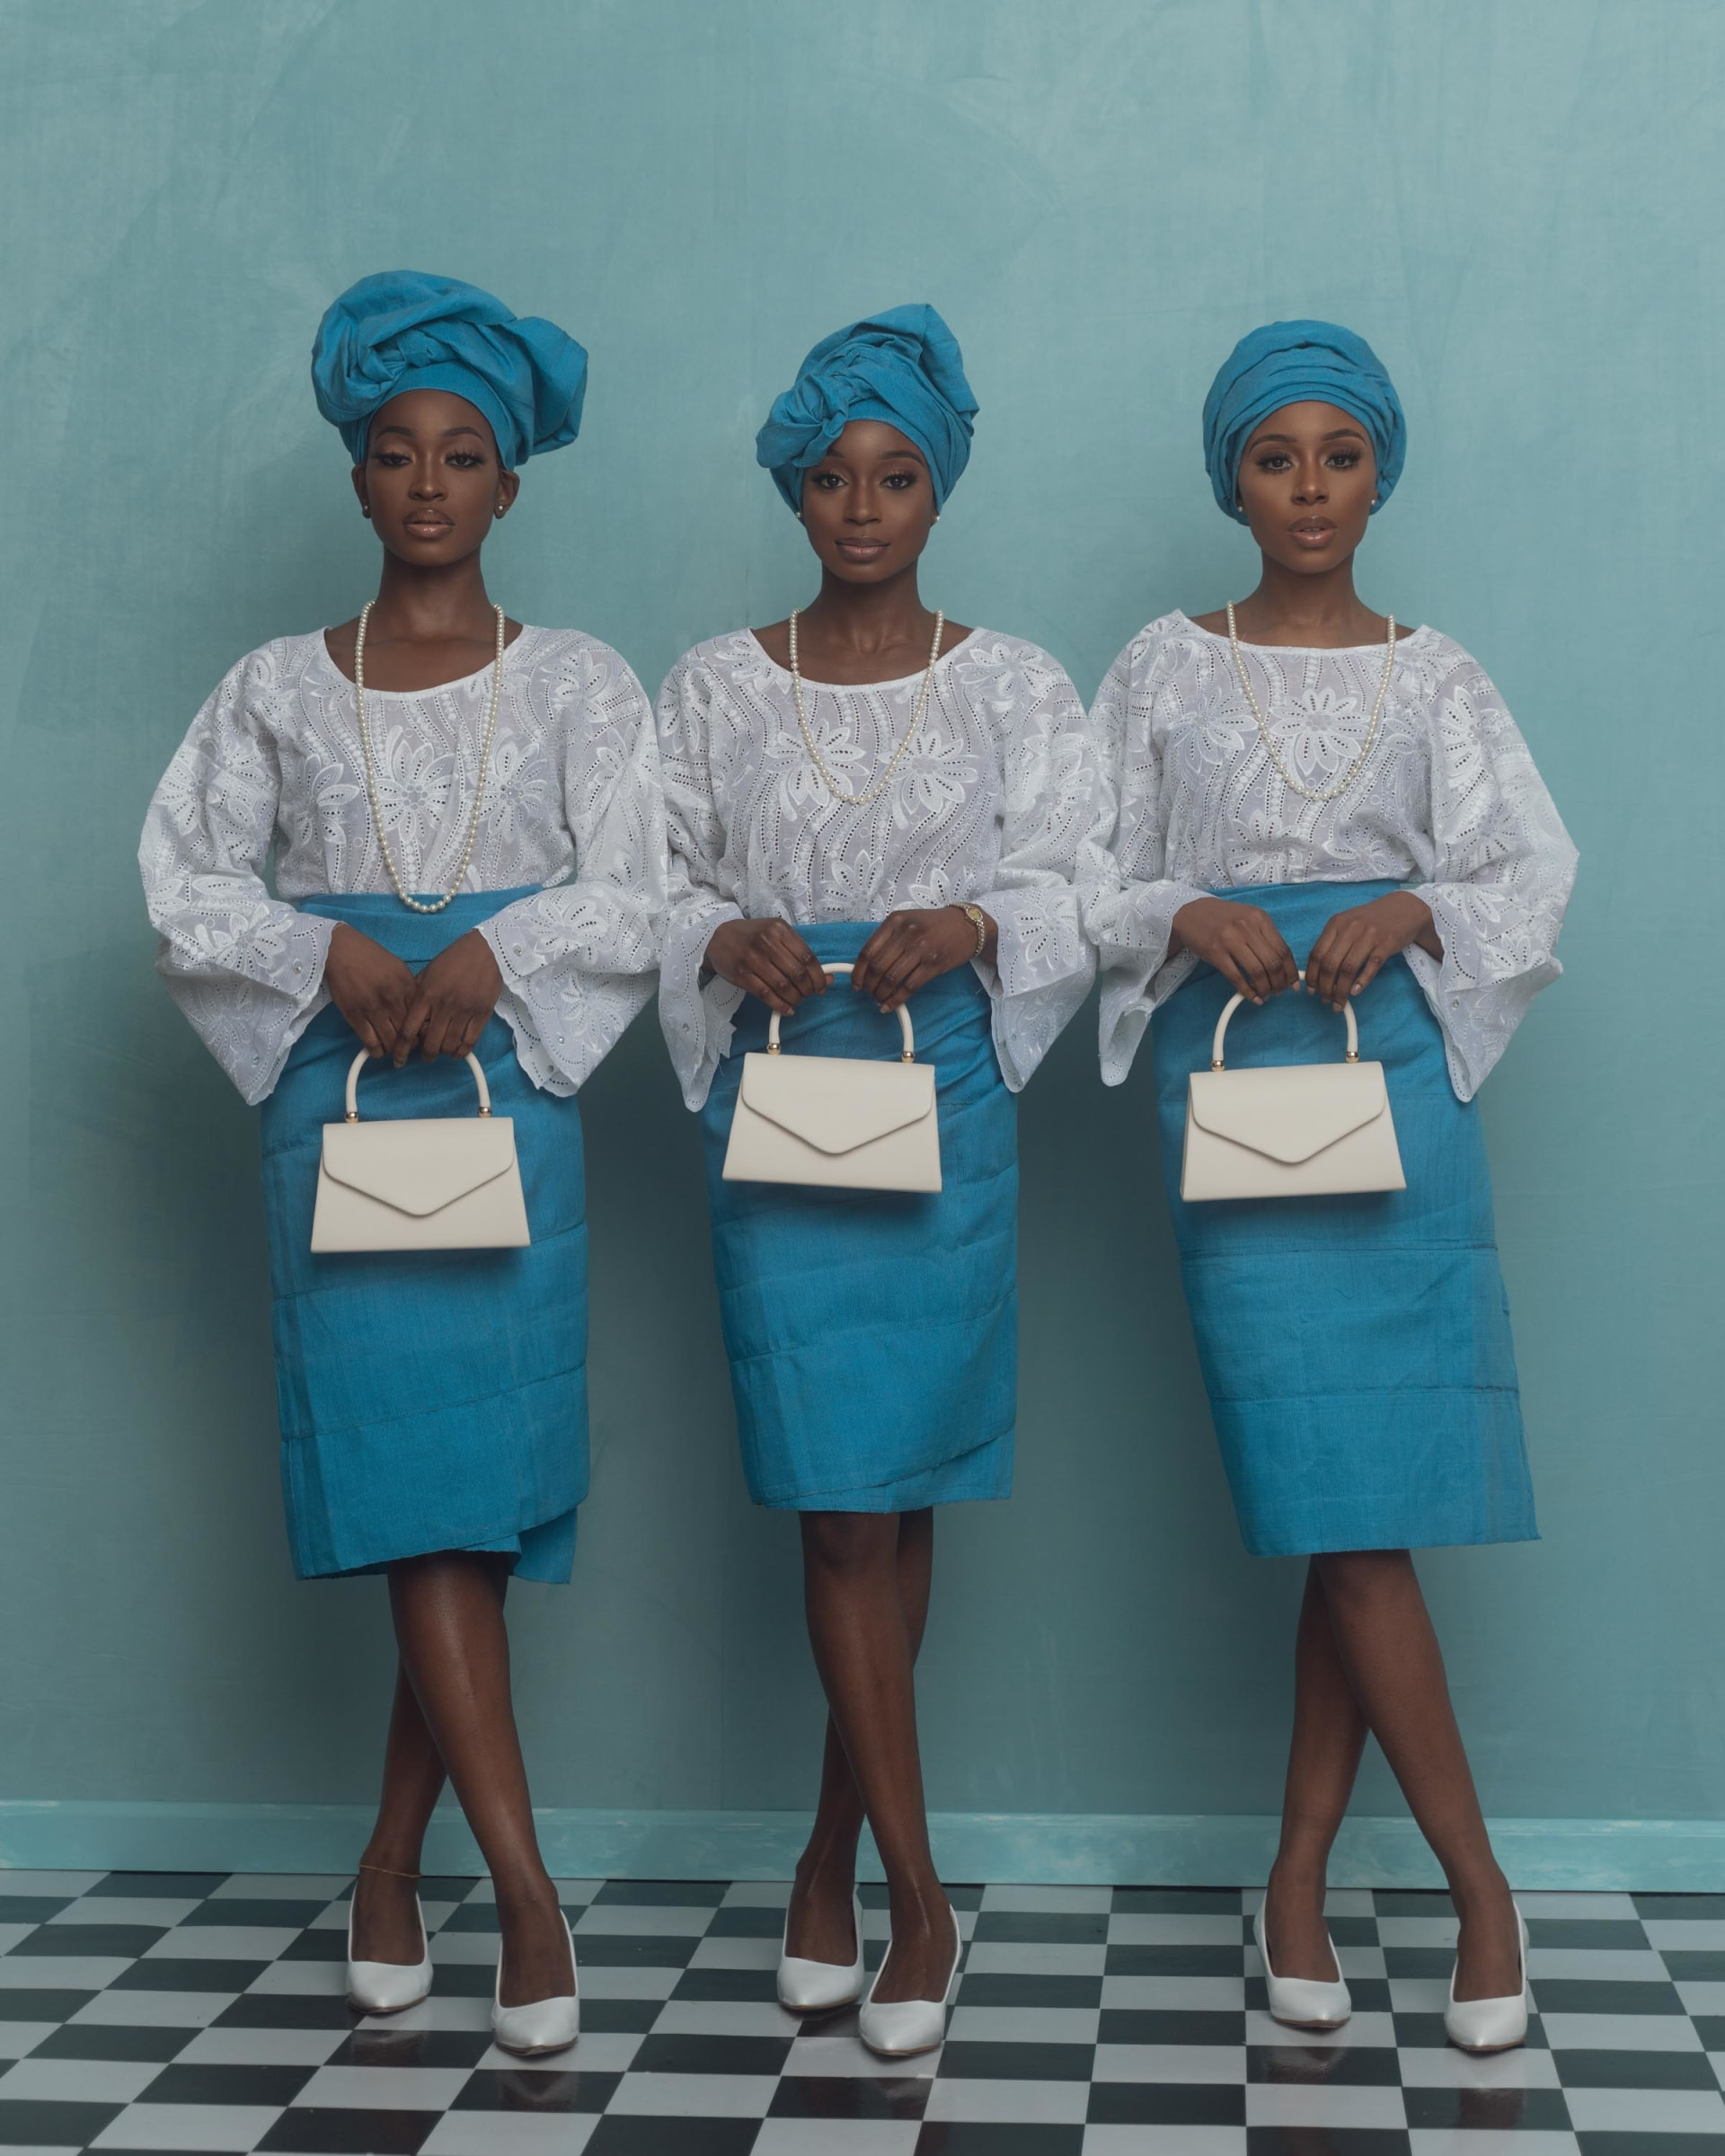 مصور نيجيري يستلهم مشروعه عن تراث نيجيريا من صور عائلته القديمة